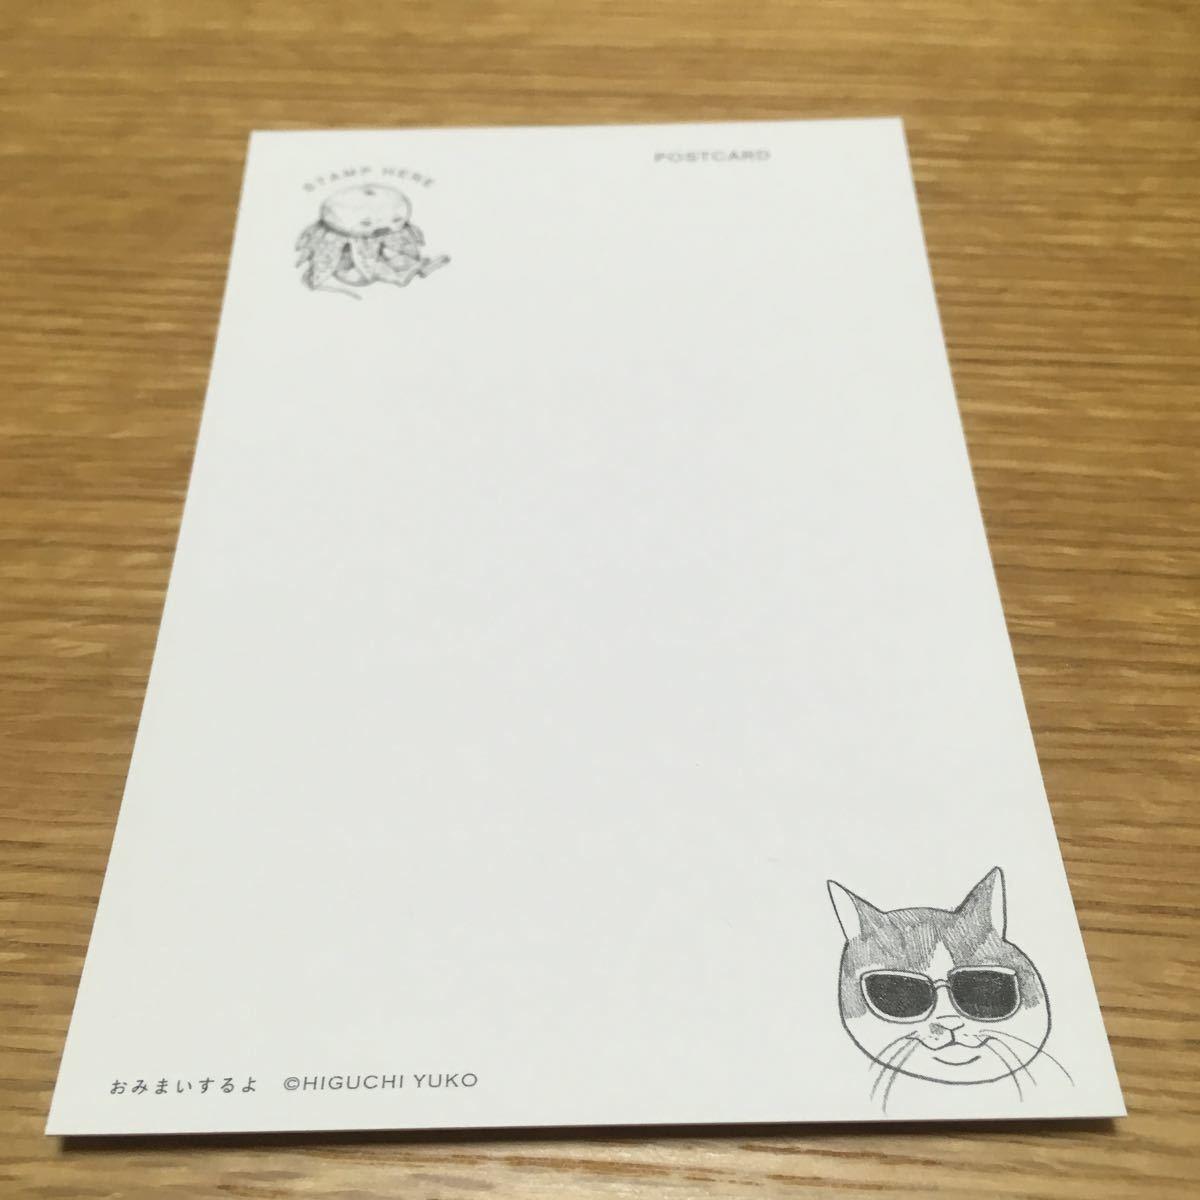 ヒグチユウコ ネコ ポストカード 葉書 ハガキ はがき メッセージカード 猫 ねこ 動物 おみまいするよ パンダ 89_画像2